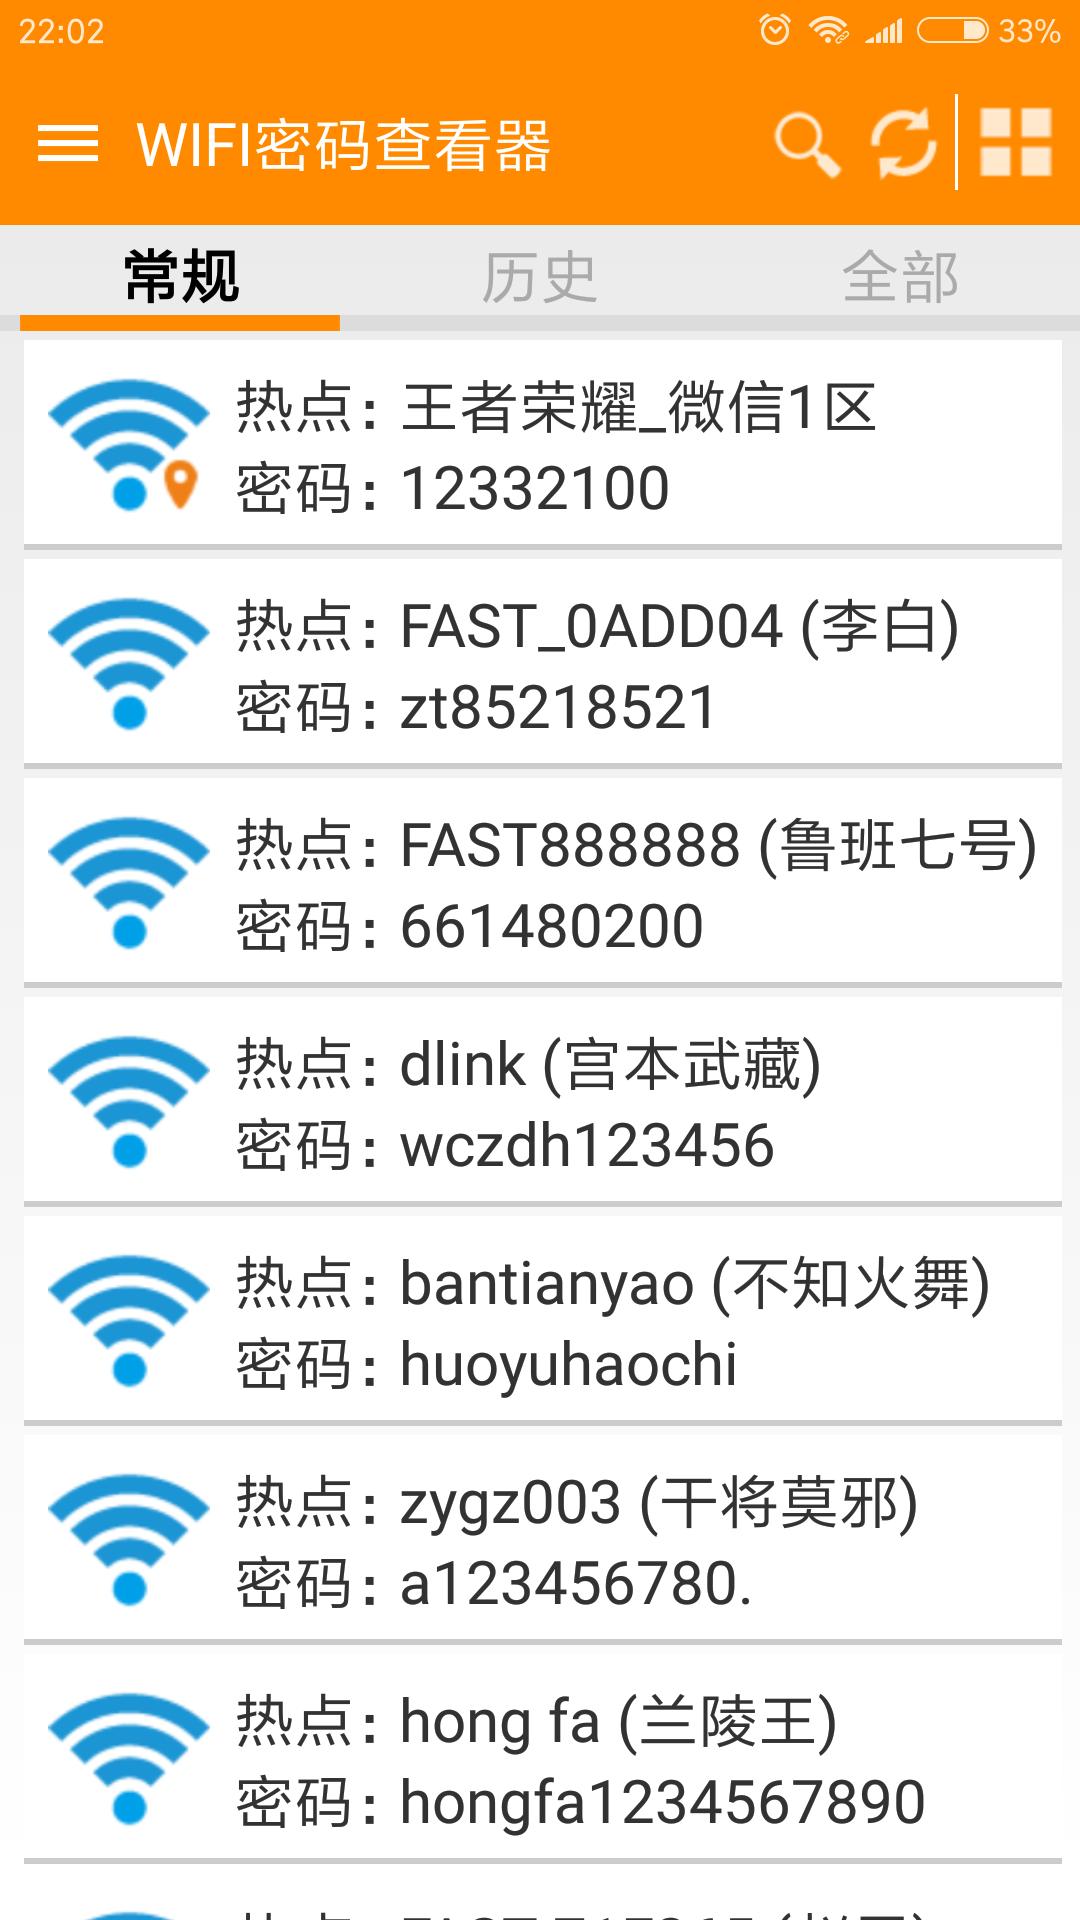 WIFI密码查看器截图(1)